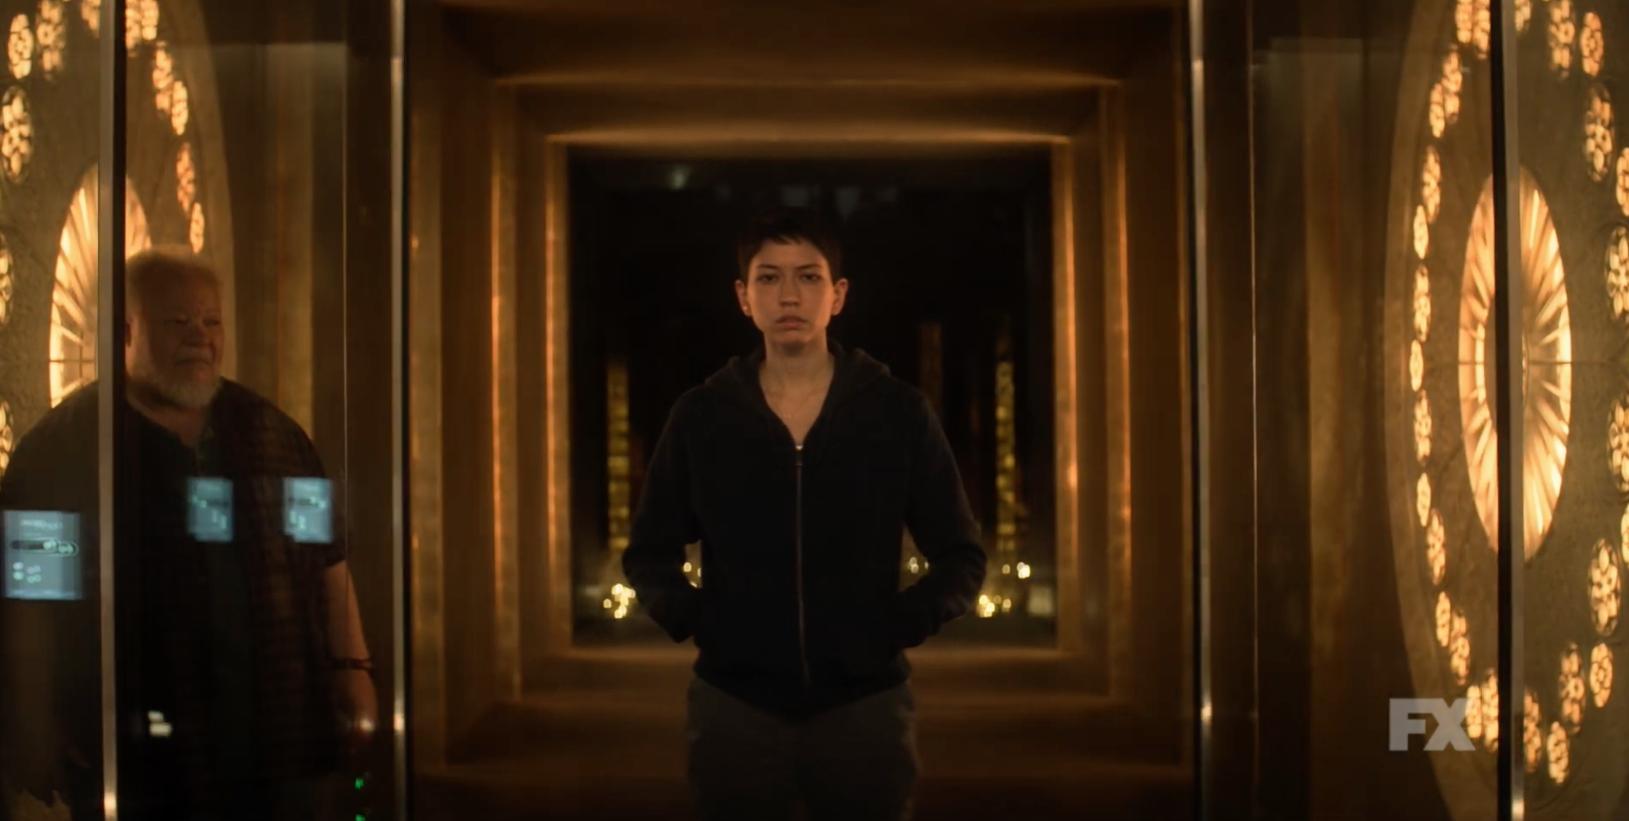 Alex Garland's Tech Horror Series Devs Series Drops An Eerie First Trailer